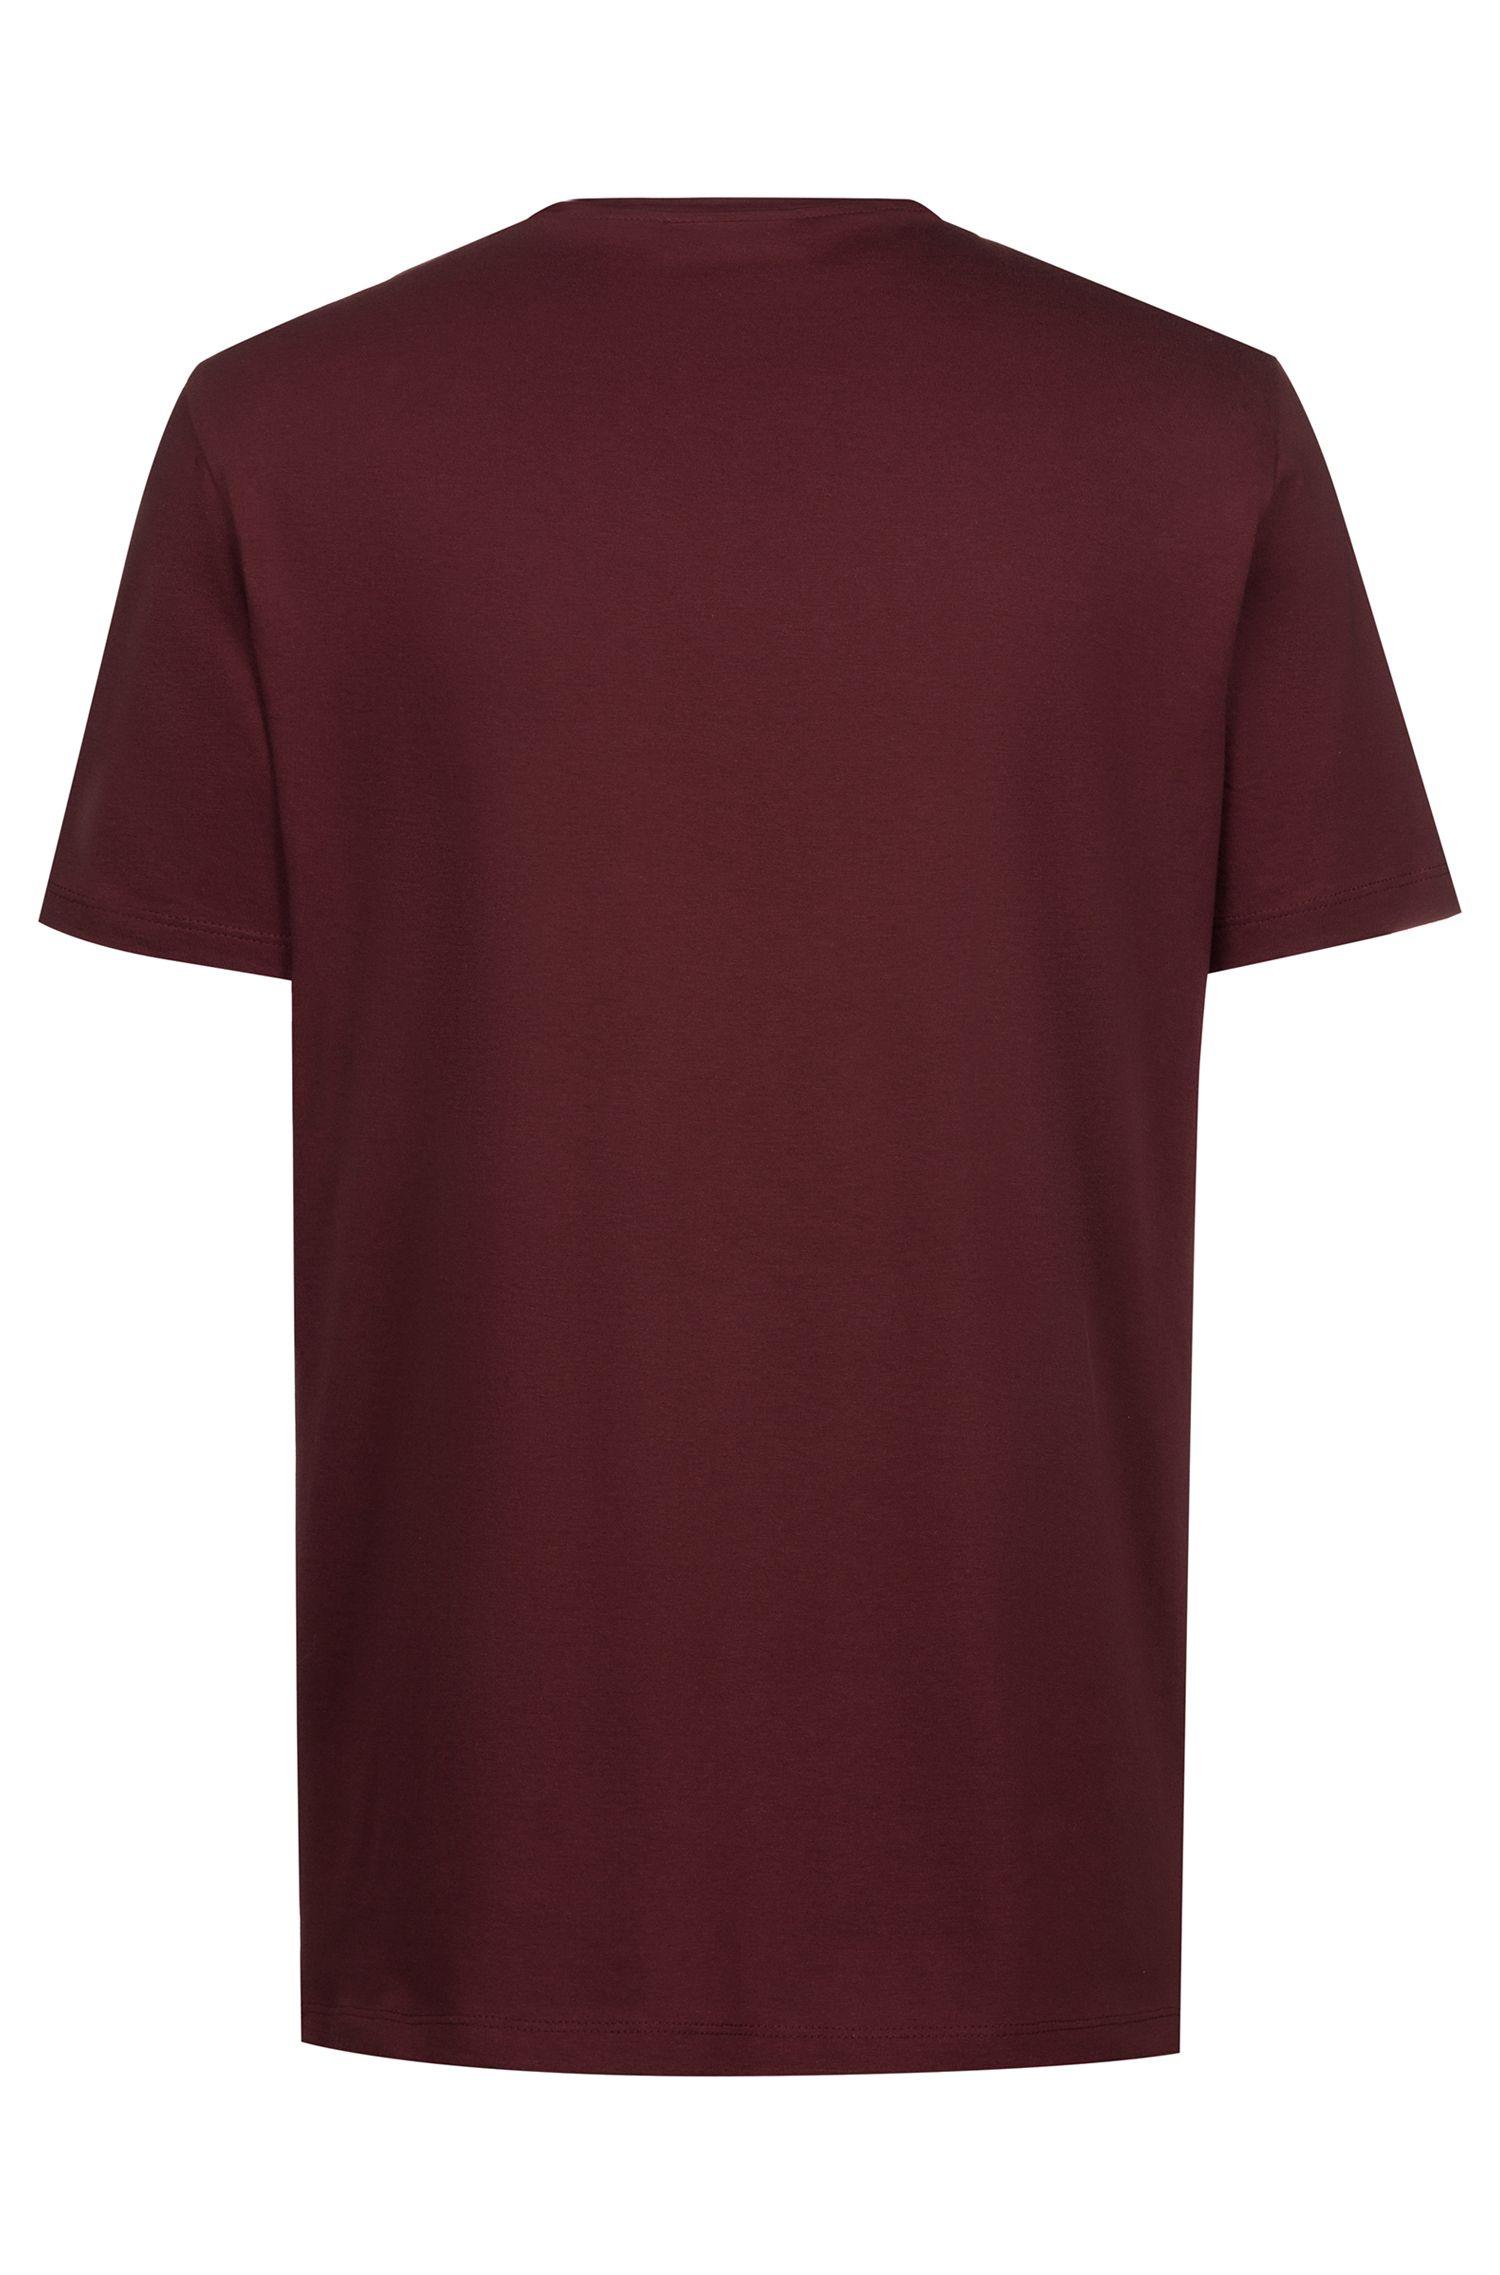 T-Shirt aus Baumwoll-Jersey mit Rundhalsausschnitt und Logo, Dunkelrot